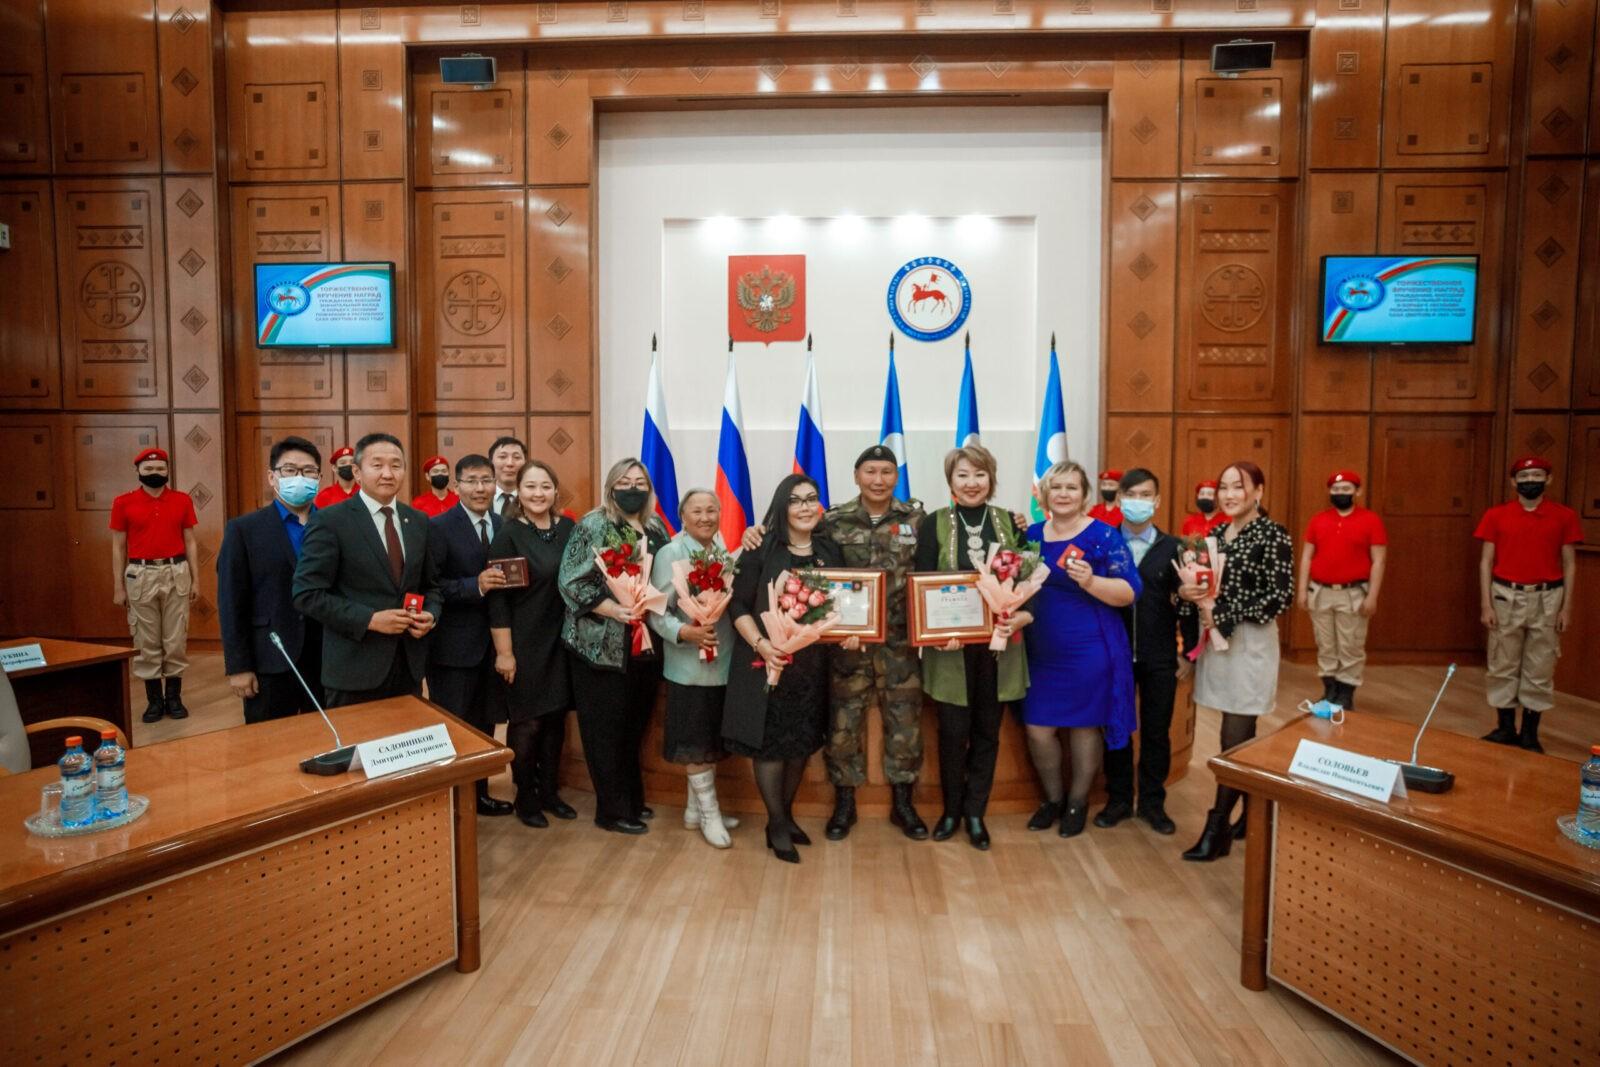 Поздравляю членов Общественного добровольческого штаба и участников тушения пожаров 2021 года!